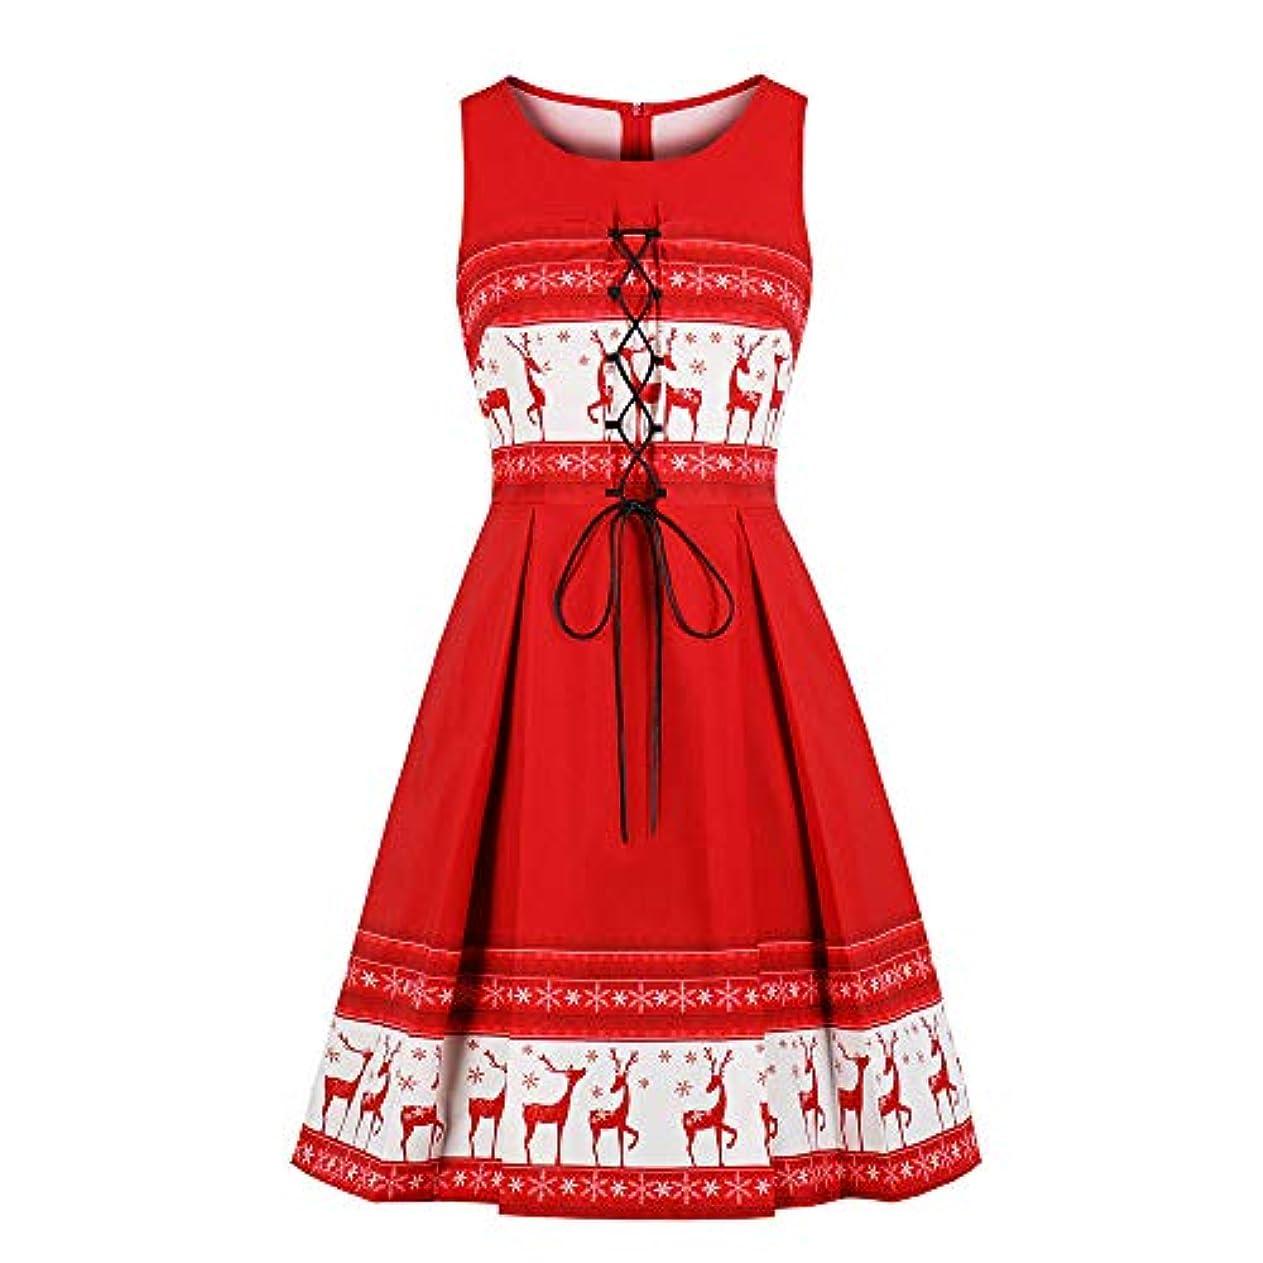 受賞圧倒する関数ワンピース BOBOGOJP 4種類 S?4XL クリスマス スペシャル 女性 レディース ビンテージ アンティーク 華やかな 美しい 主人公 ノースリーブ イブニングパーティー ドレス スイング ドレス